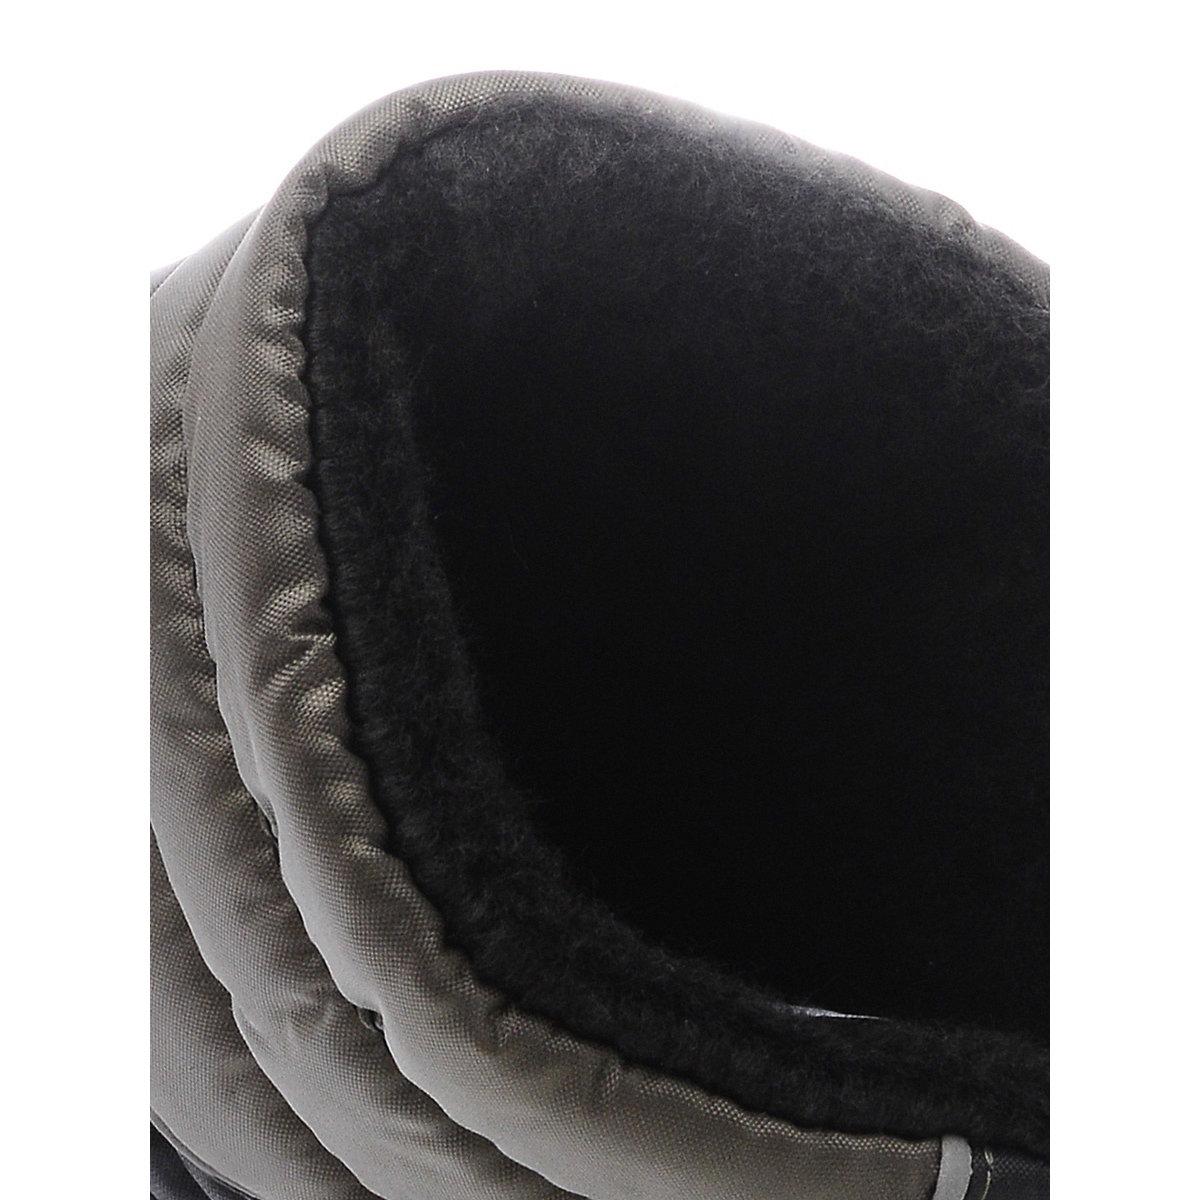 555-02 Сапоги Дюна Сноубутсы оптом хаки/черный, размеры 34-41